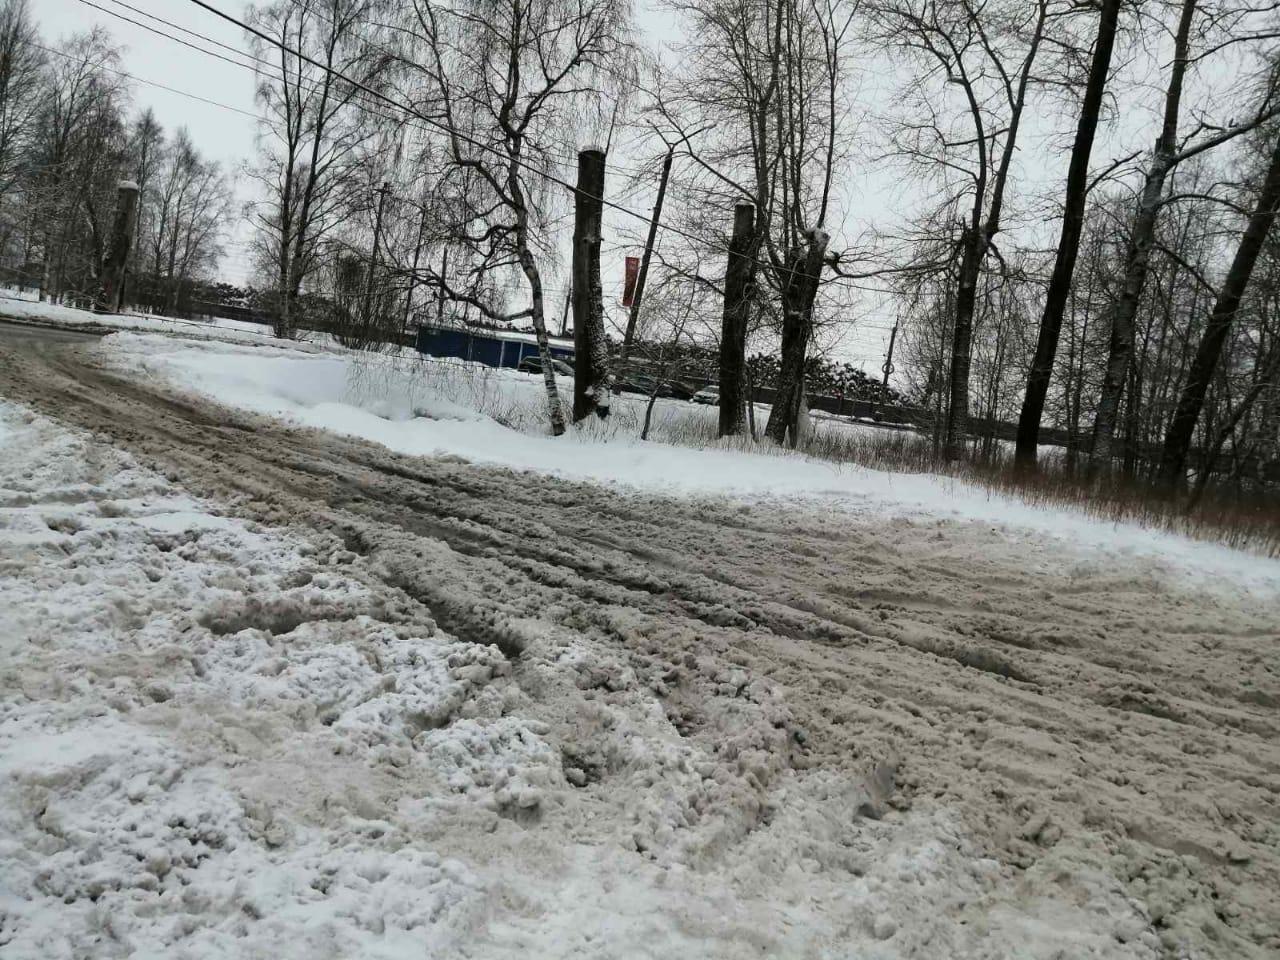 Так выглядит дорога на улице Чкалова, где сложно ходить